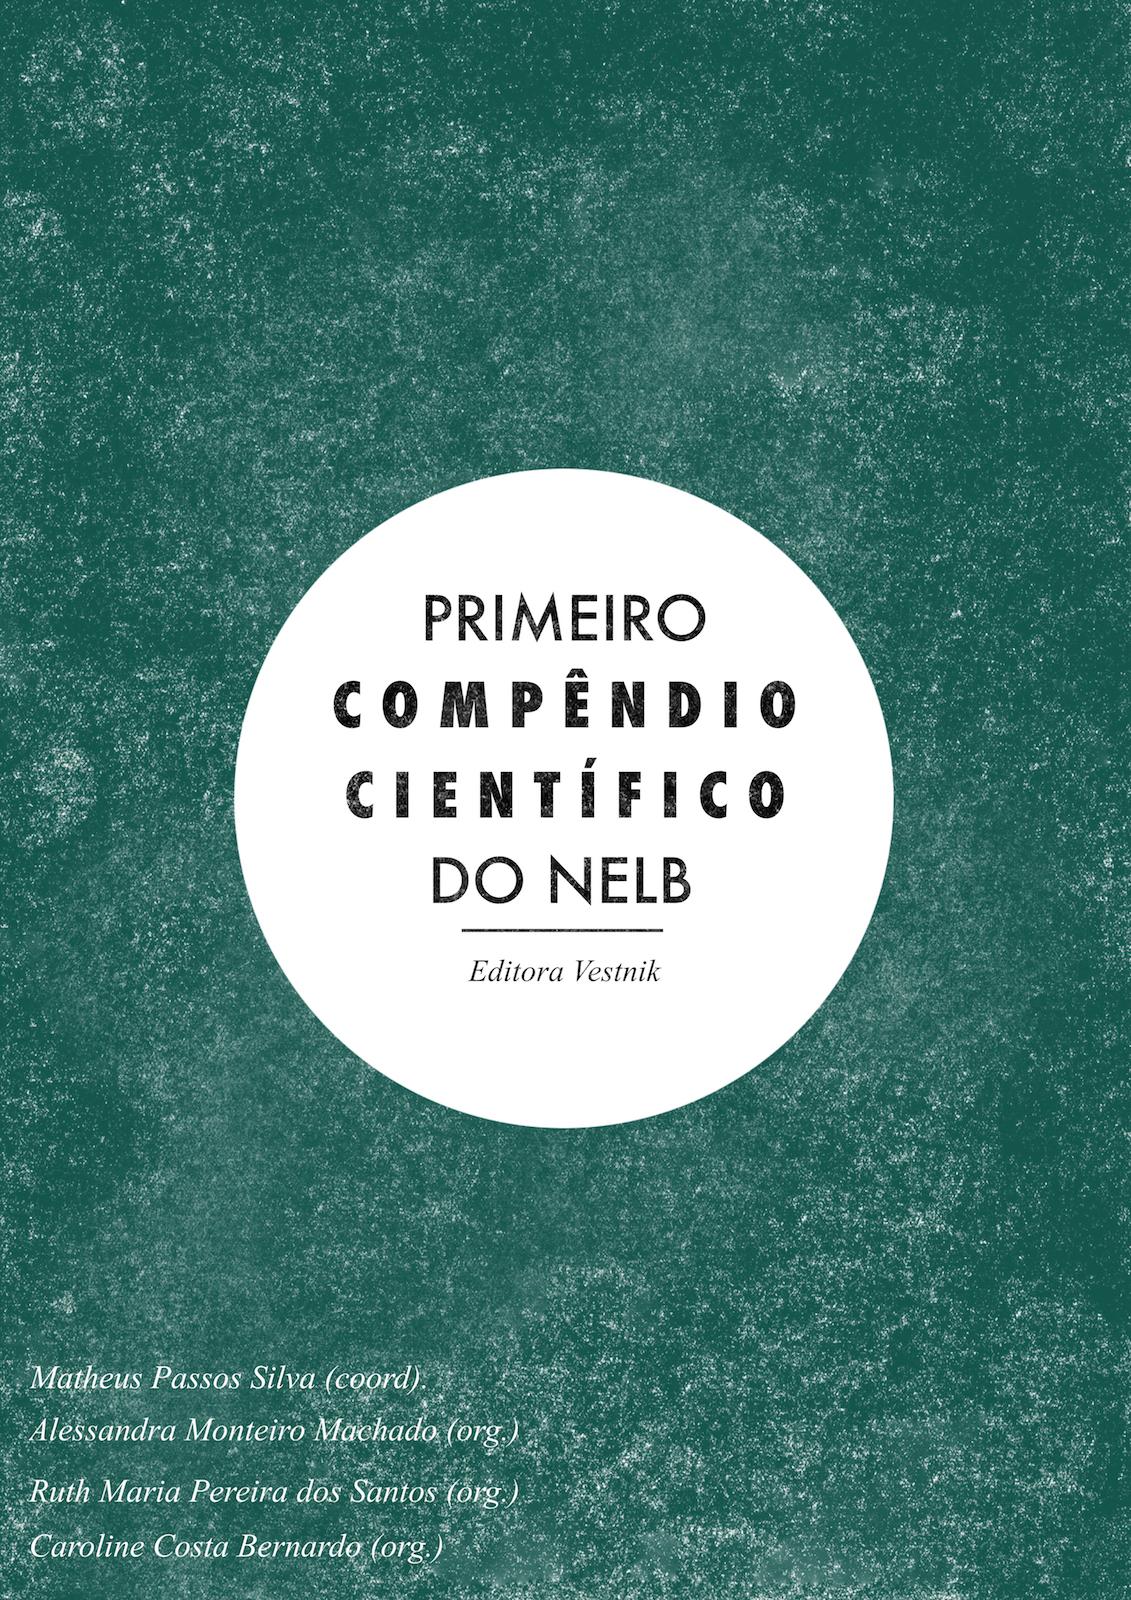 Livro digital lançado peloNELB